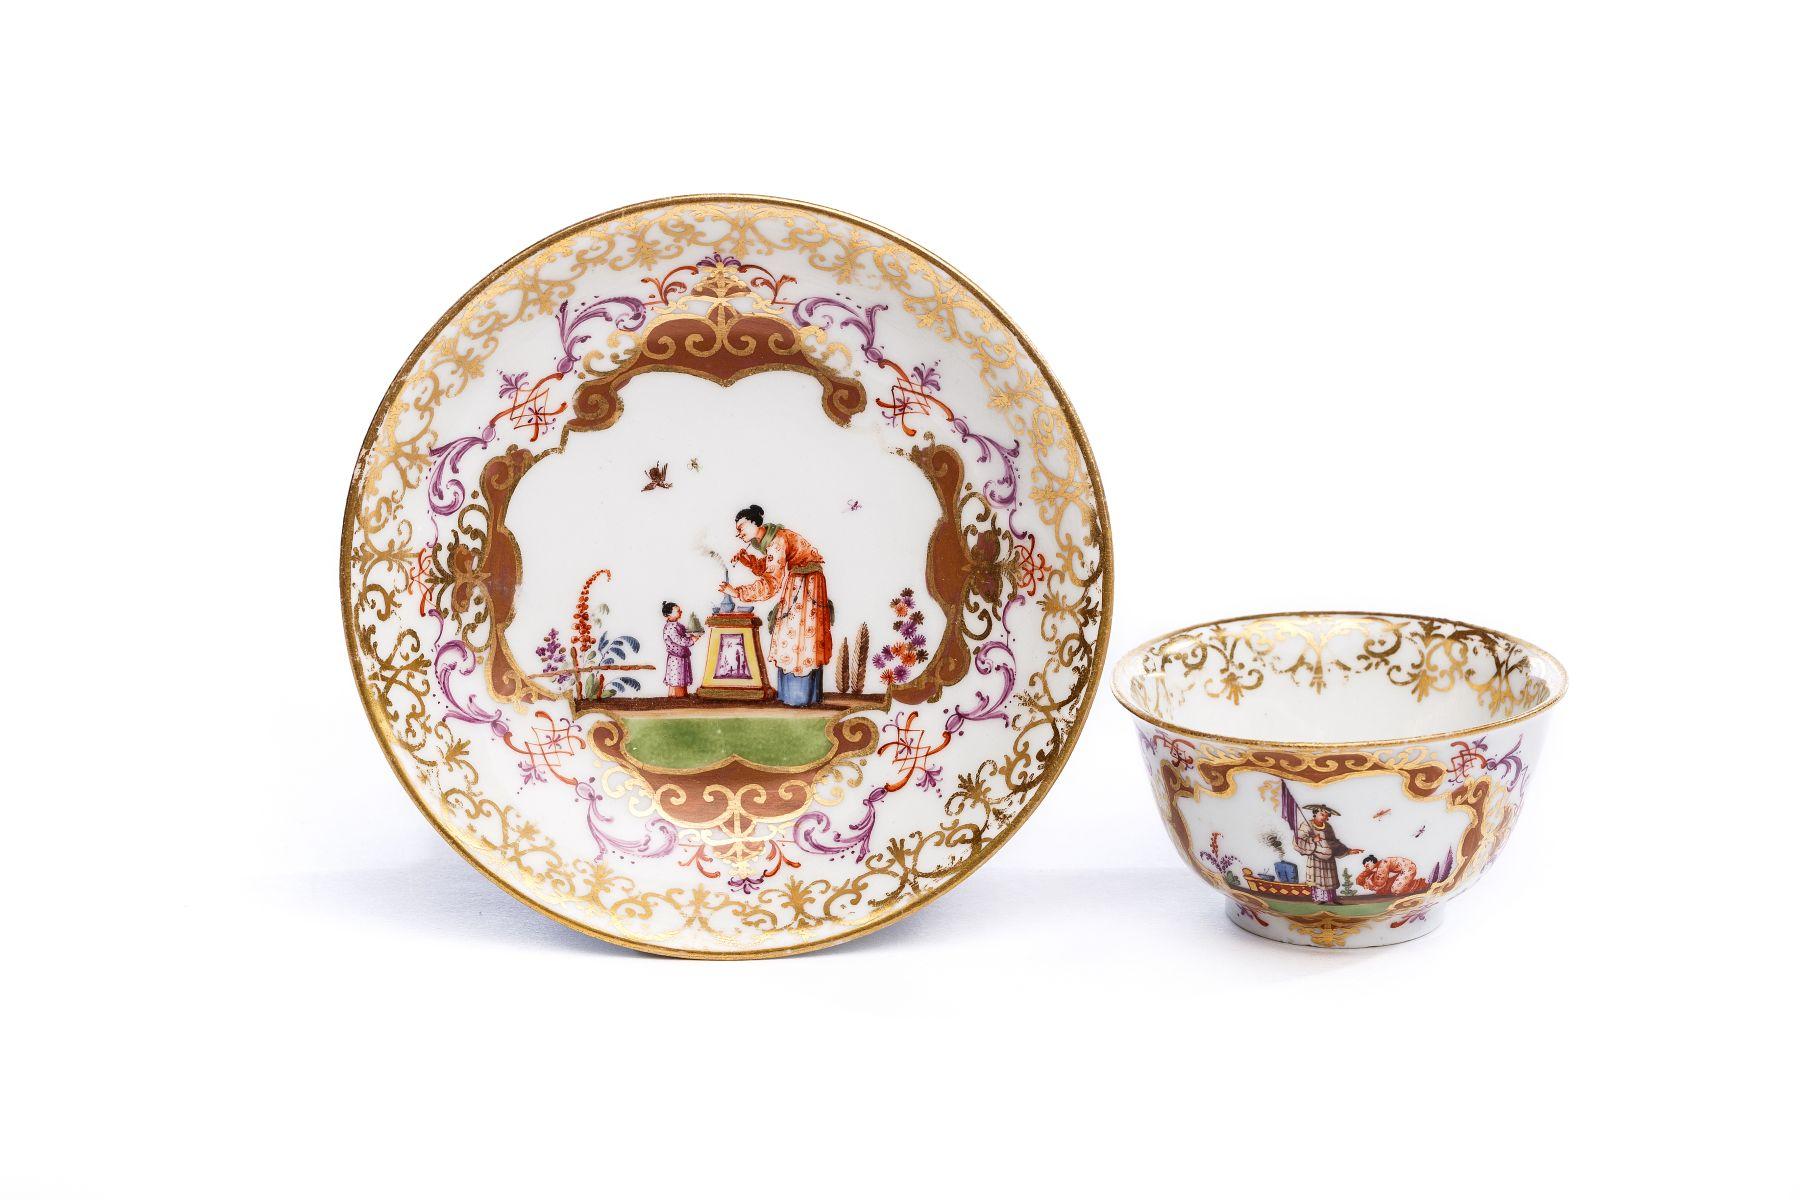 #39 Bowl with saucer, Meissen 1720/25   Koppchen mit Unterschale, Meissen 1723/25 Image